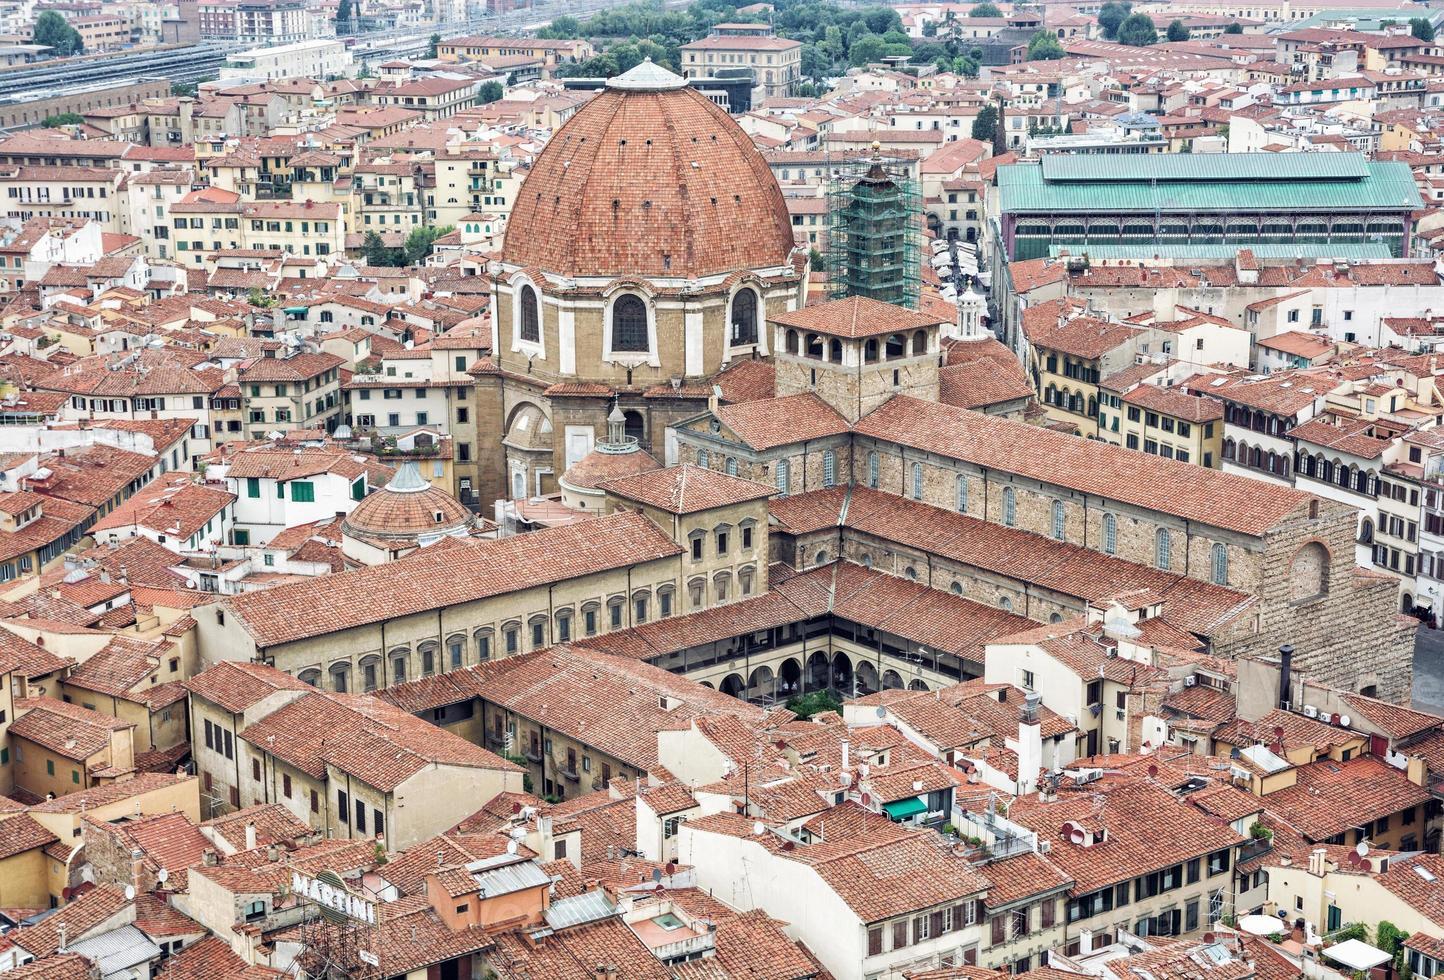 basilica di san lorenzo, firenze, italia, patrimonio culturale foto